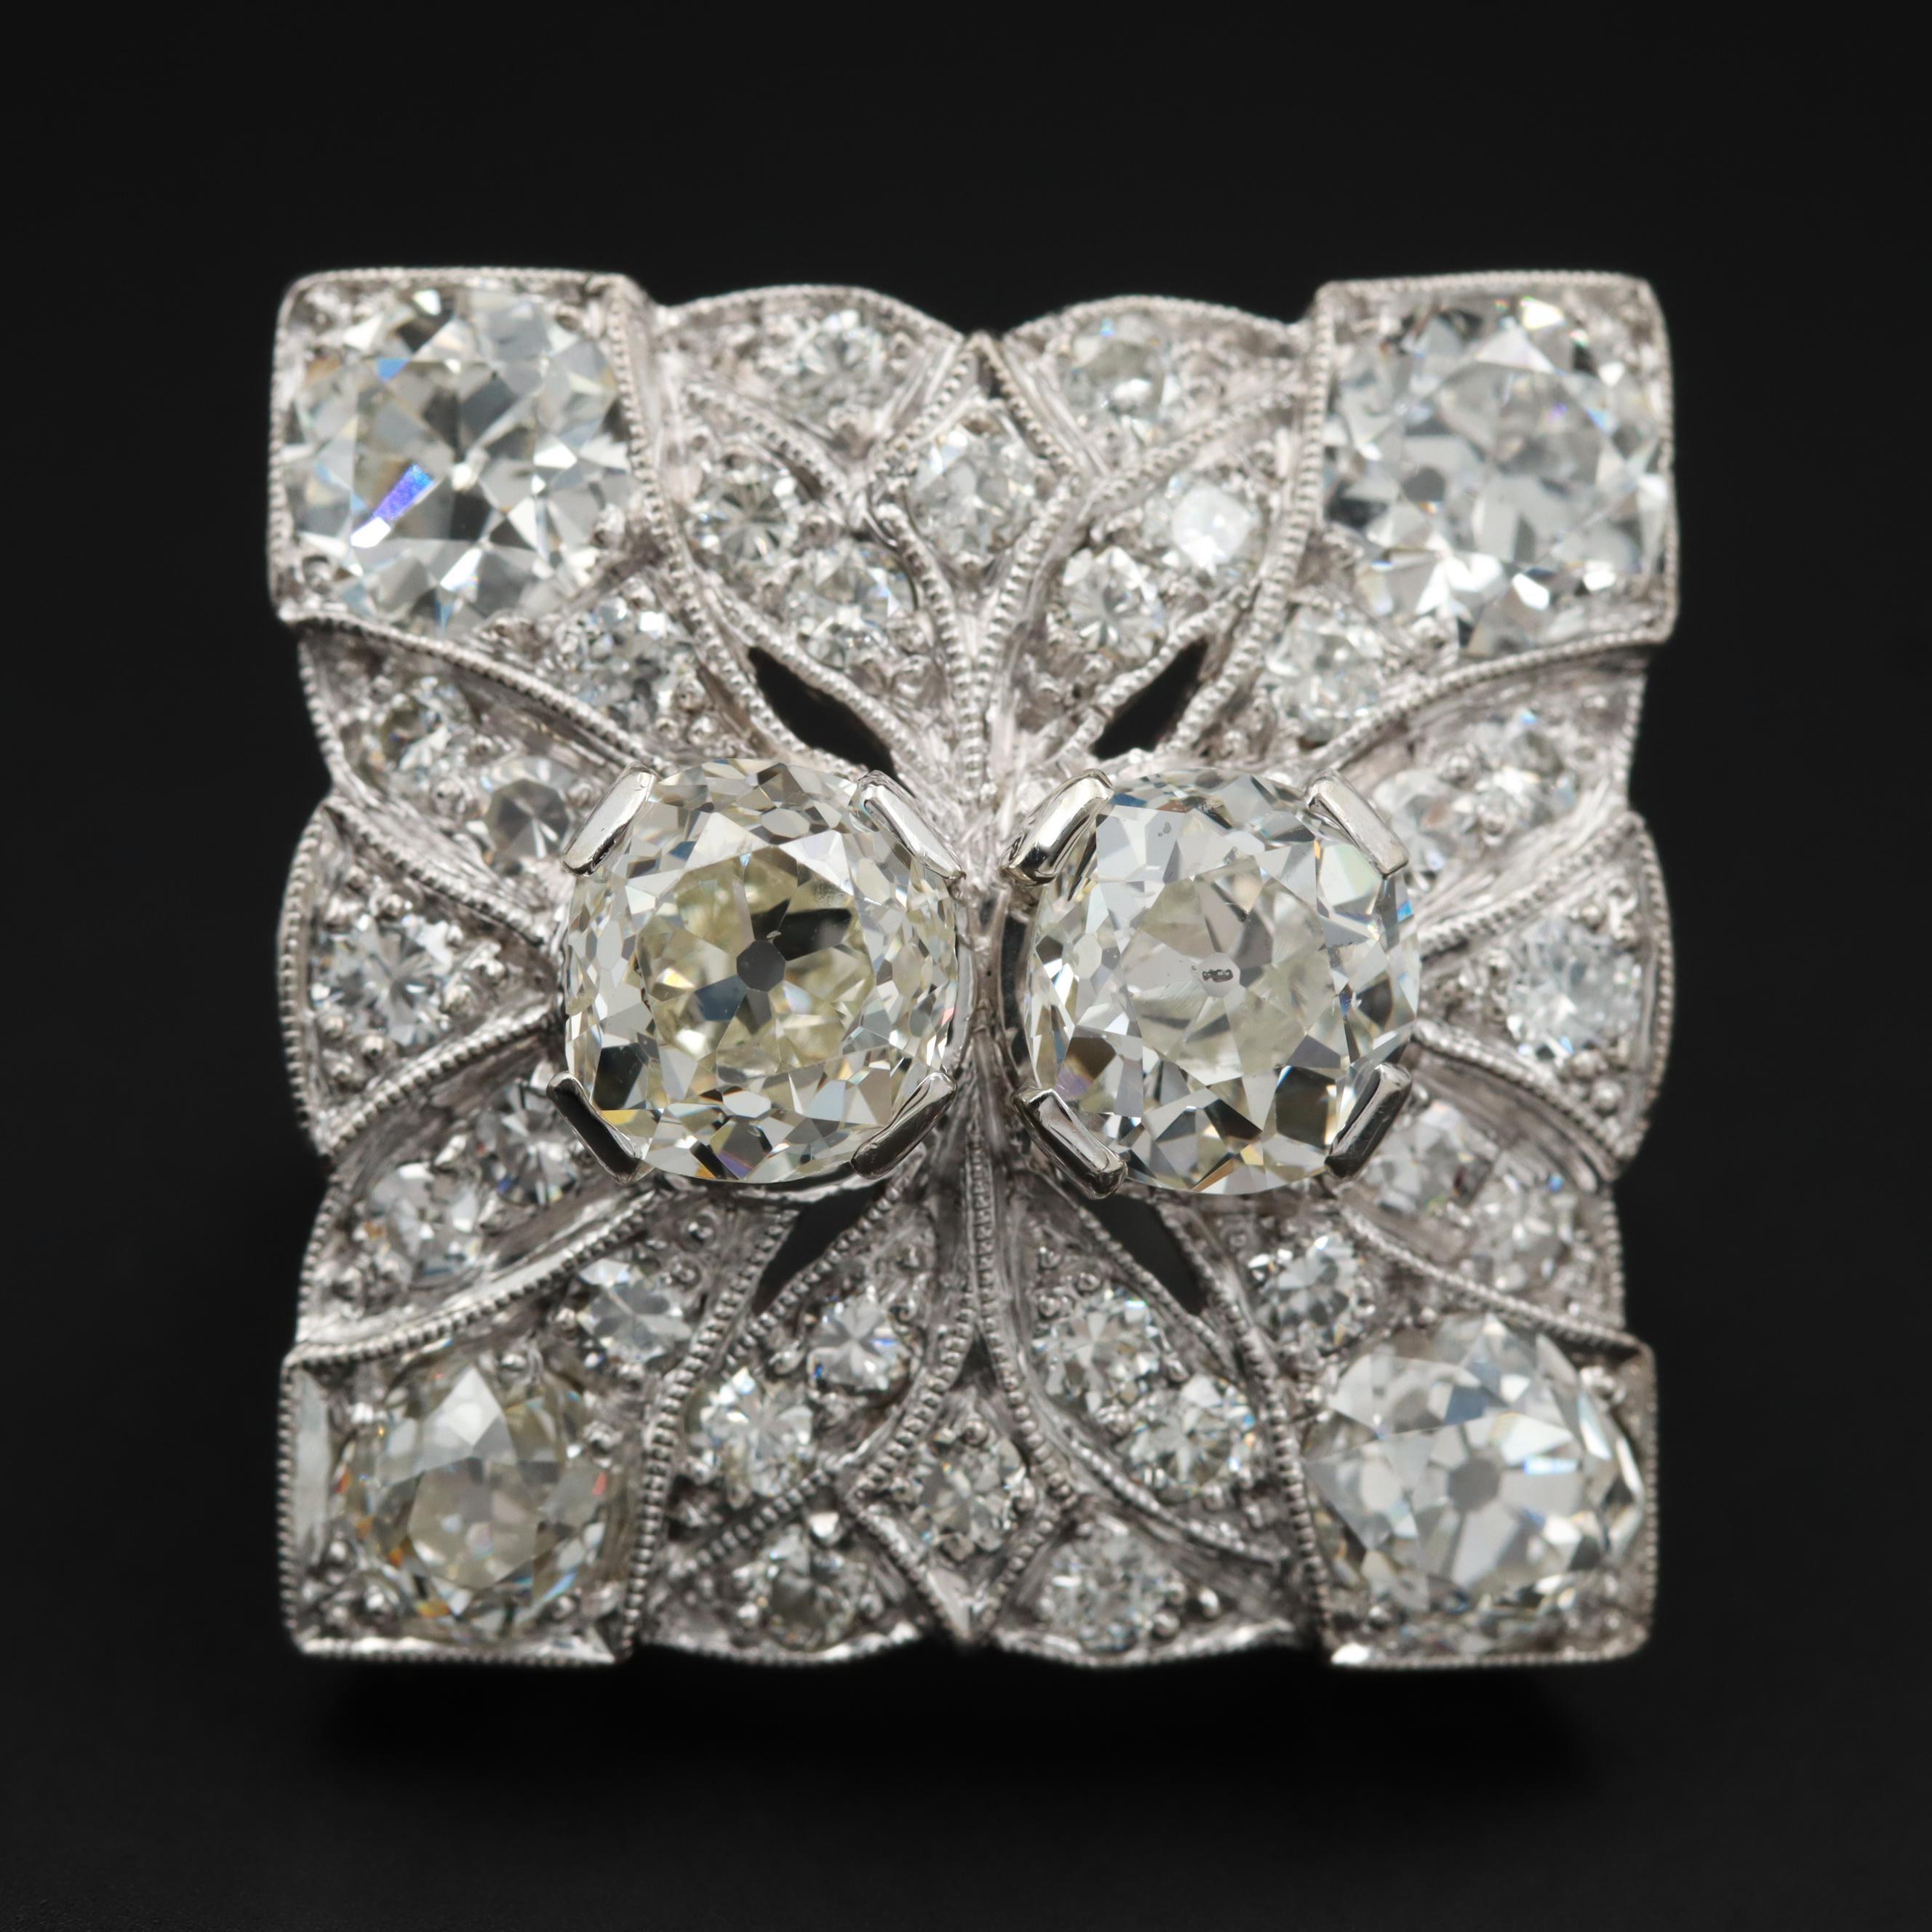 Circa 1930s Palladium 6.28 CTW Diamond Scrollwork Ring and Milgrain Detailing